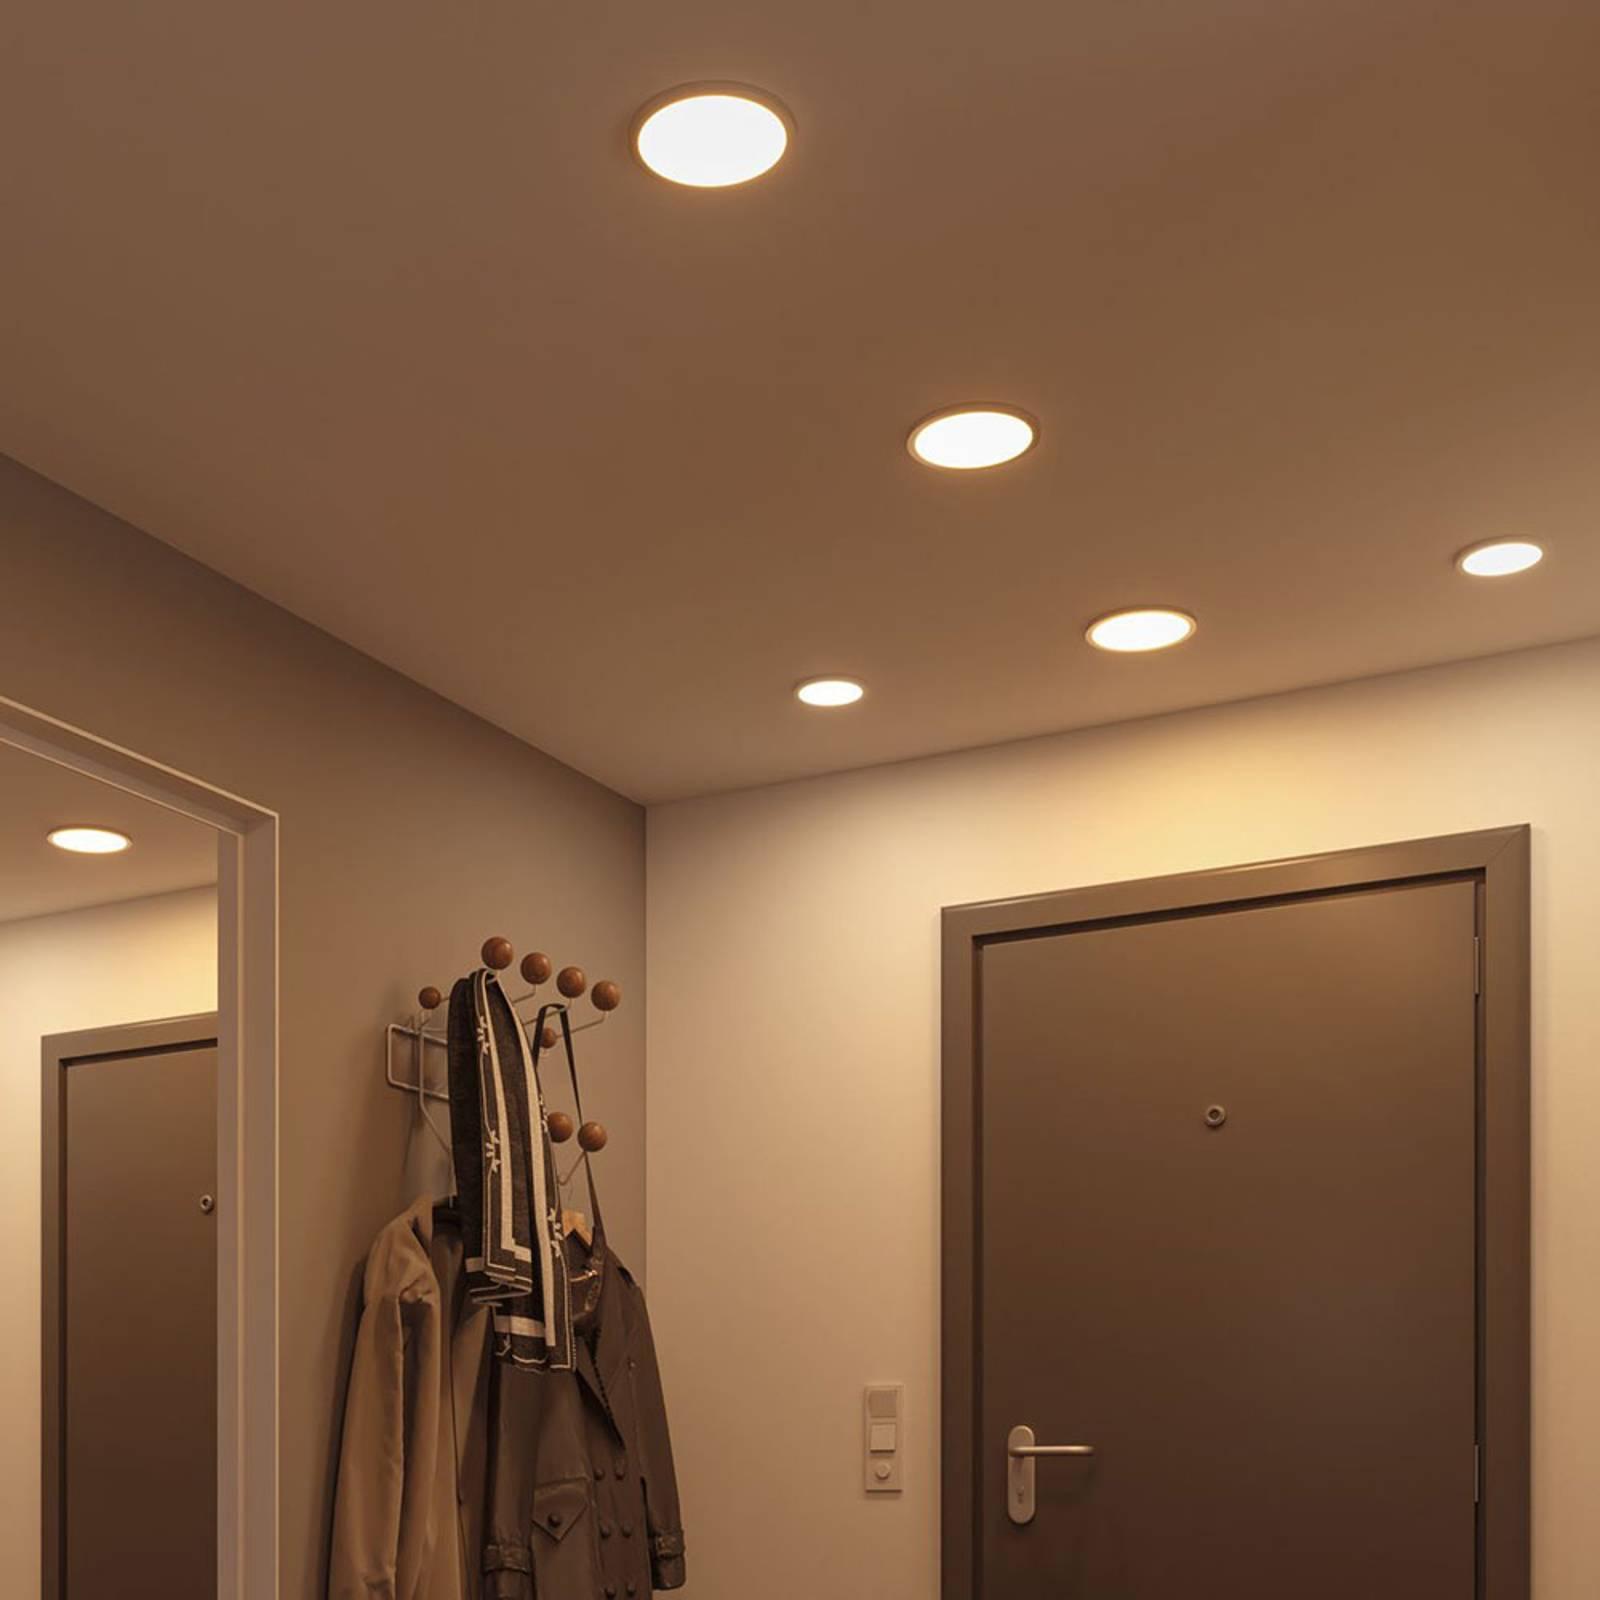 Paulmann-LED-paneeli Areo 4000 K valkoinen, 17,5cm